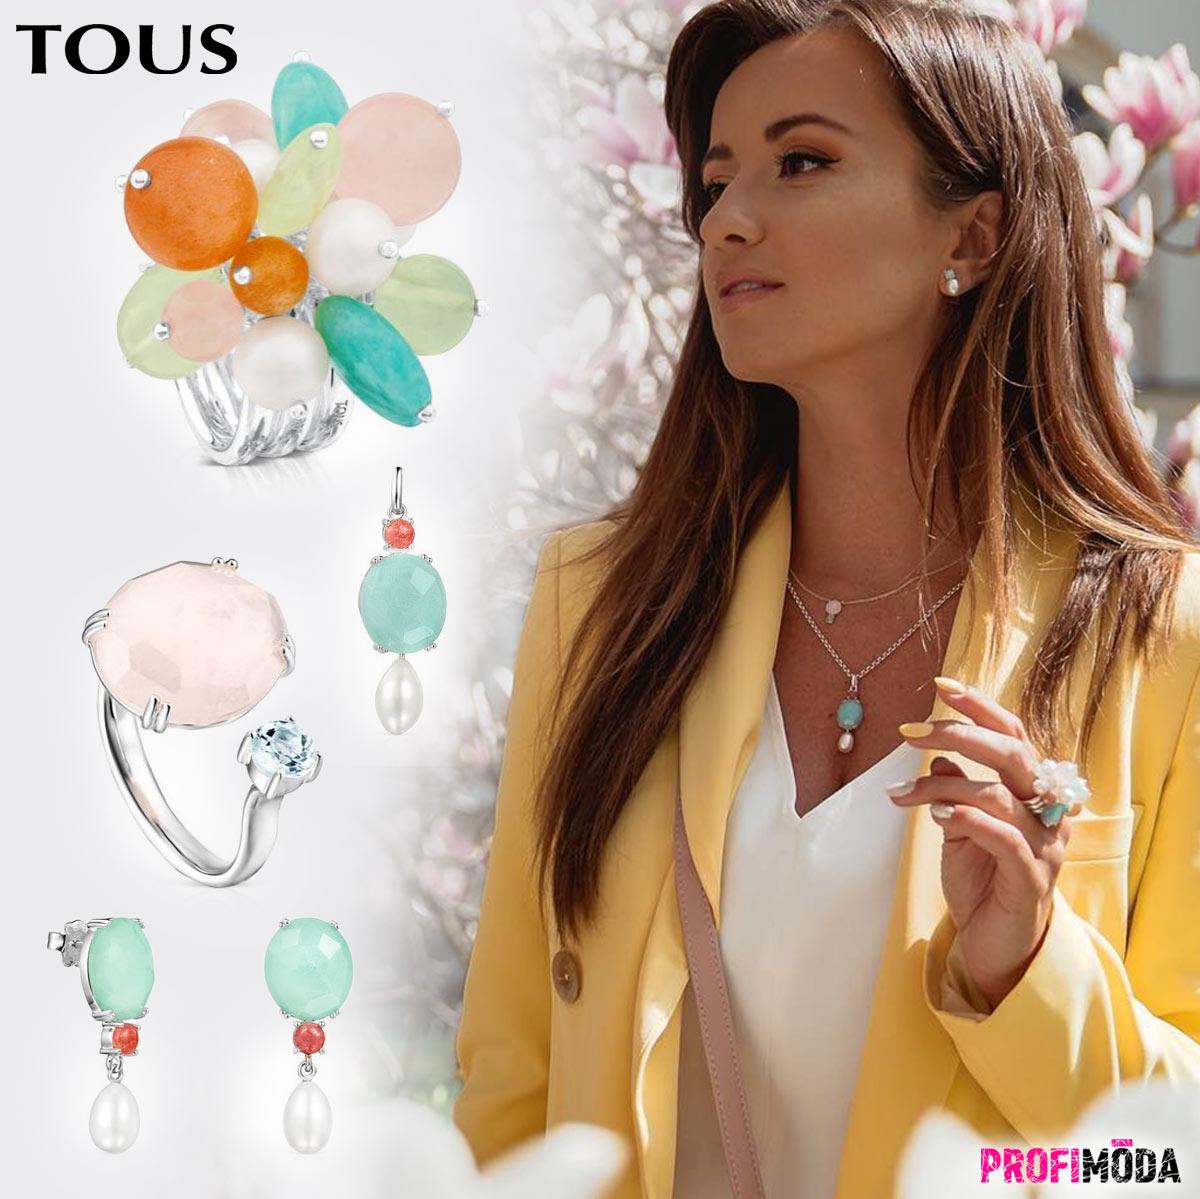 Šperky Tous jsou ženské a mladistvé současně. Žádné jiné do své šperkovnice nepotřebujete.